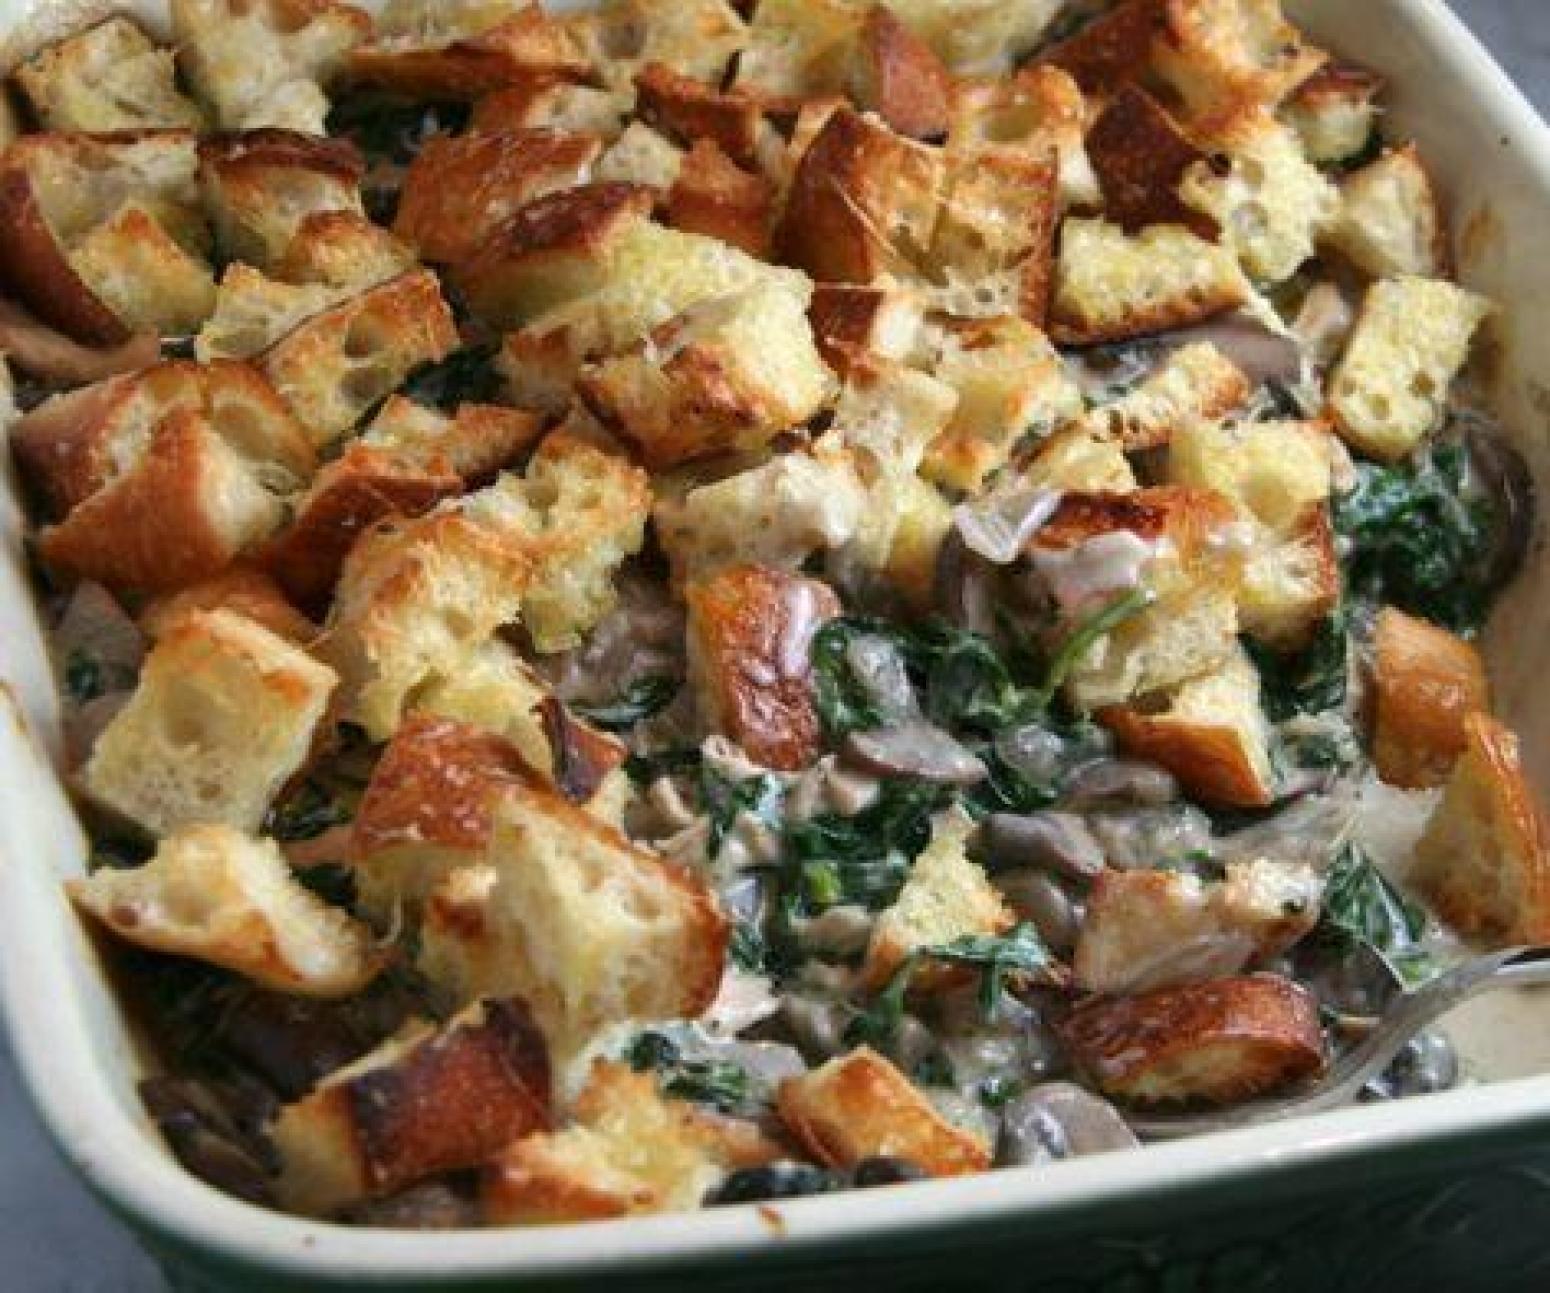 Spinach Mushroom Casserole Recipe | Just A Pinch Recipes